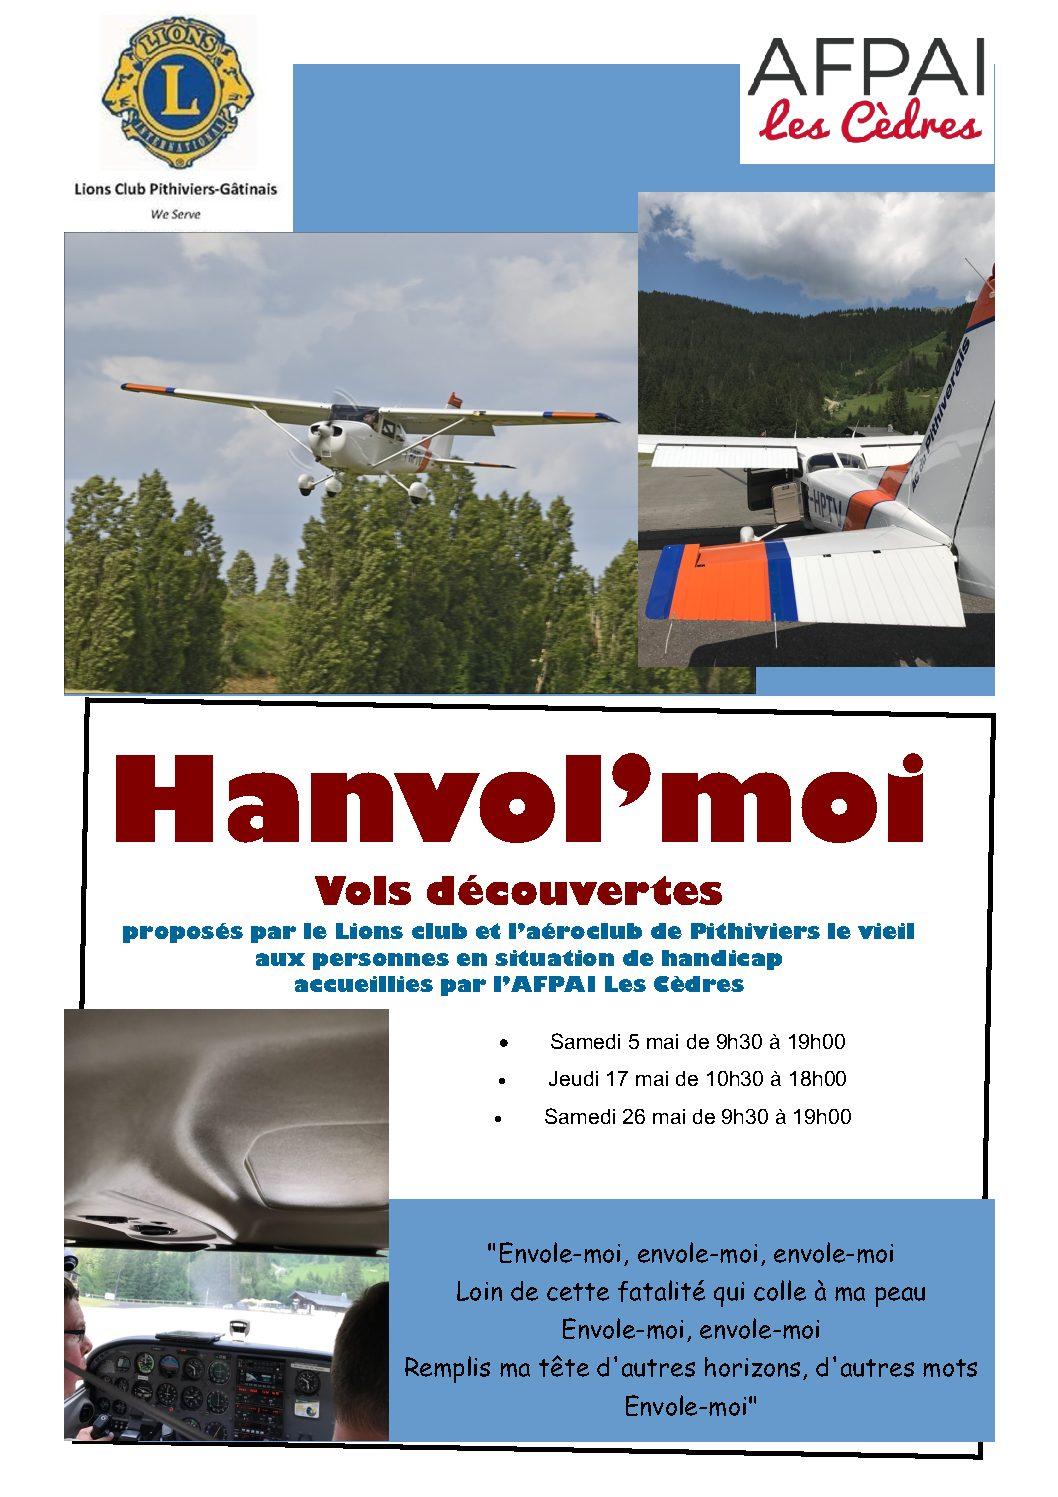 HANVOL'MOI Vols découvertes